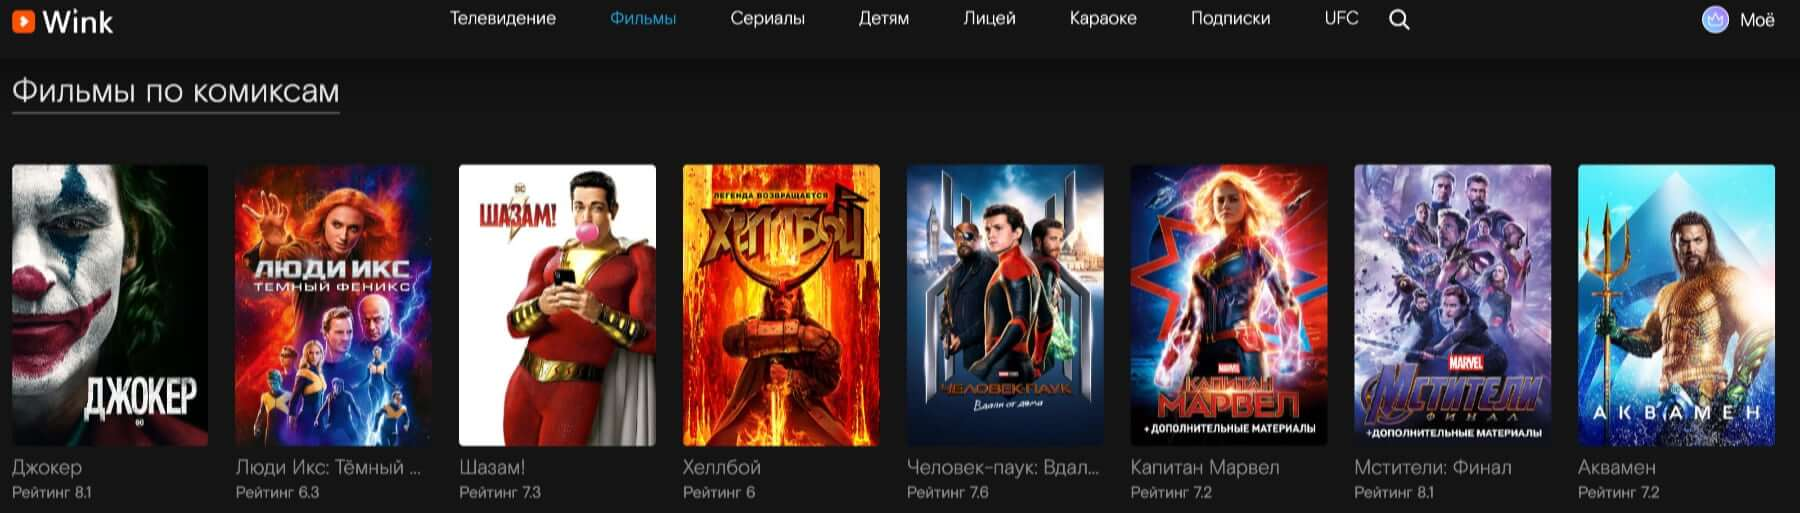 Выбор фильмов, сериалов по категориям